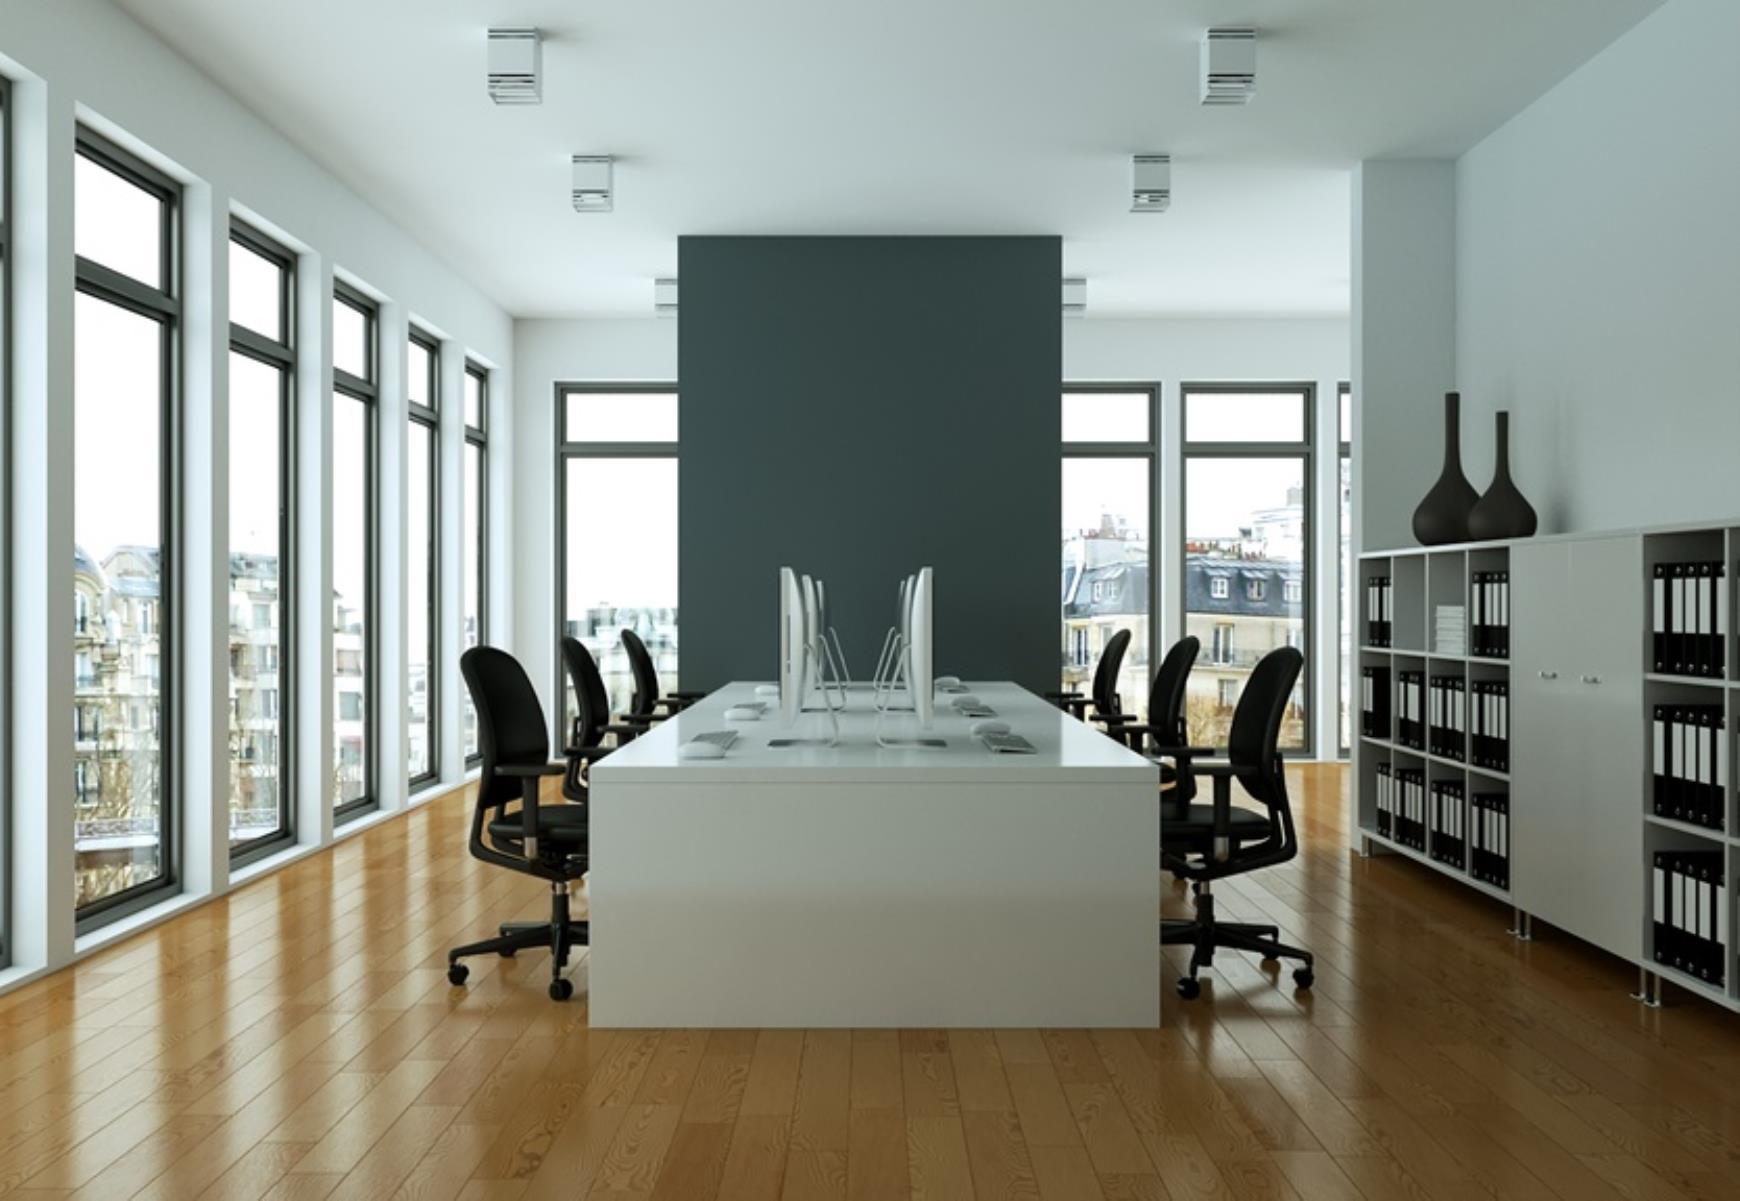 L immobilier de bureaux un placement rentable zelaia immobilier